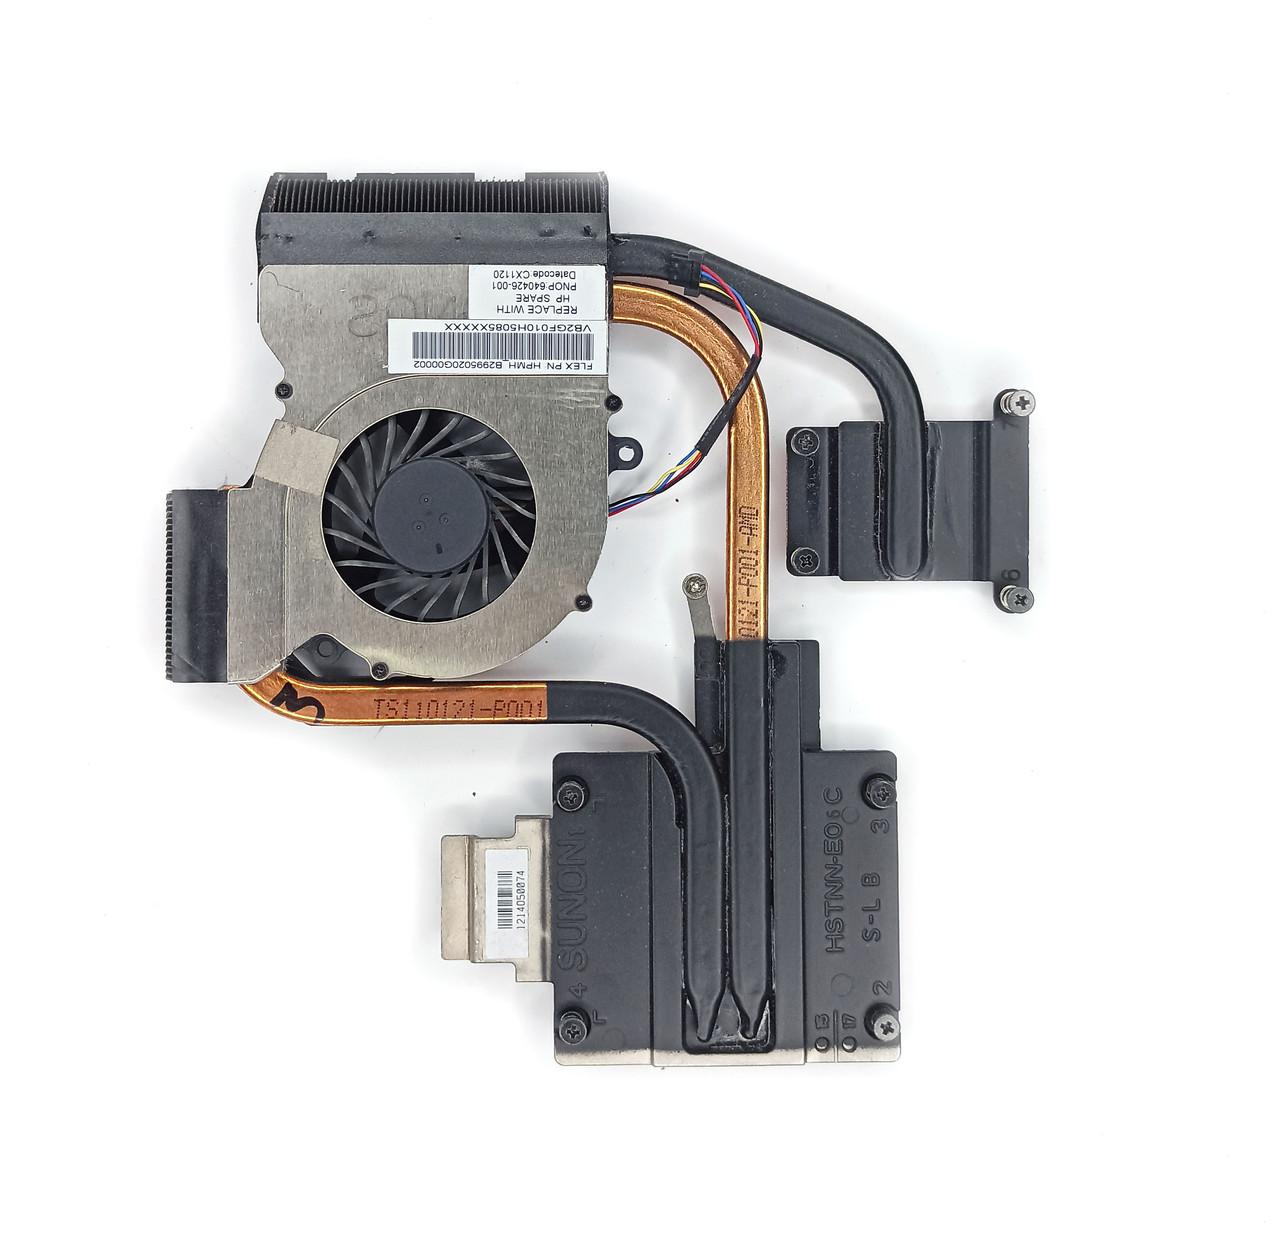 Охлаждение (вентилятор + радиатор) (640426-001) для ноутбука HP dv6-6060eo